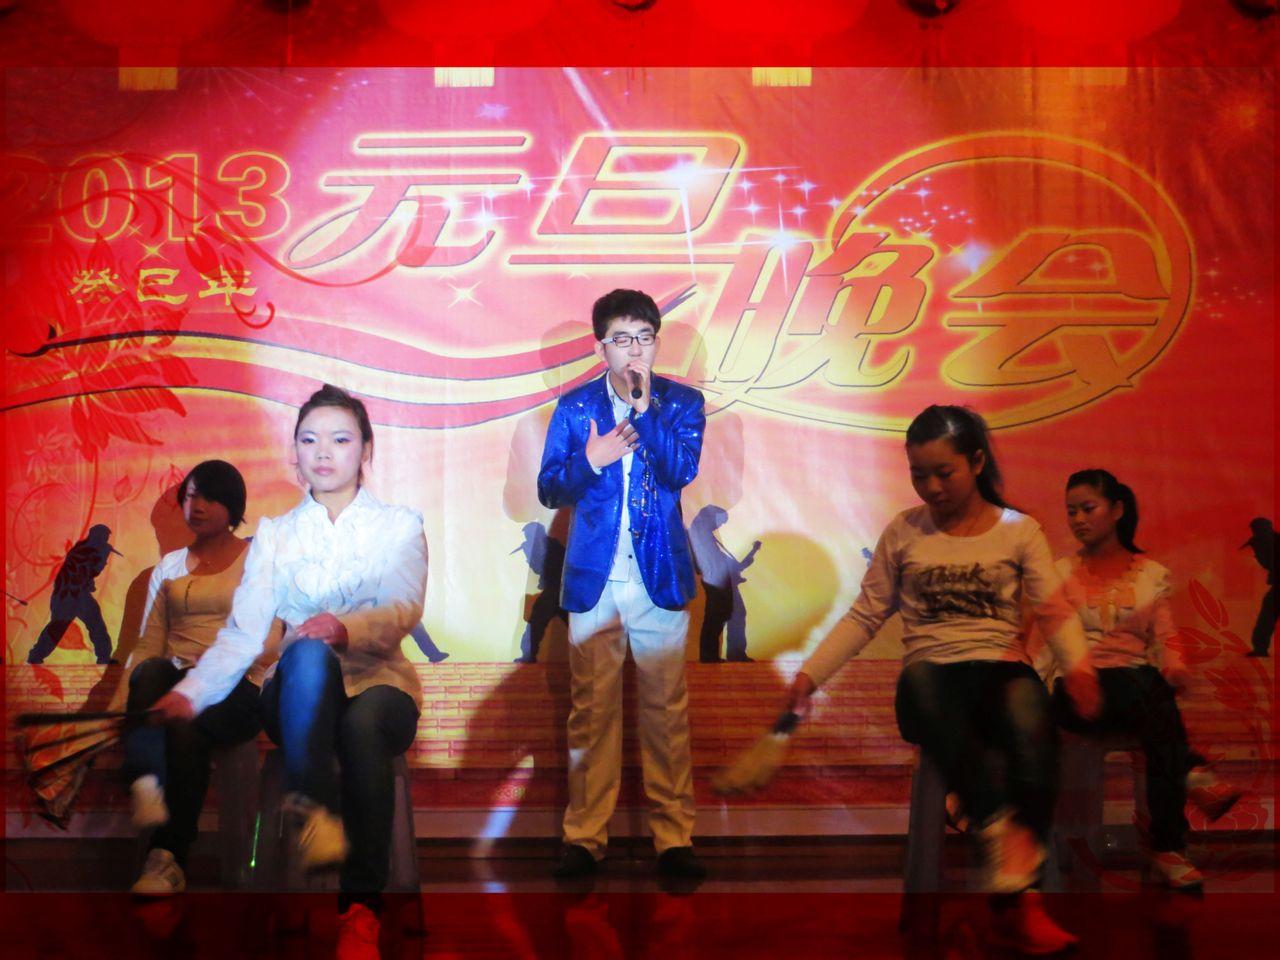 河南棚歌舞团,河南农村歌舞团,河南省农村歌舞团,河南棚歌舞团